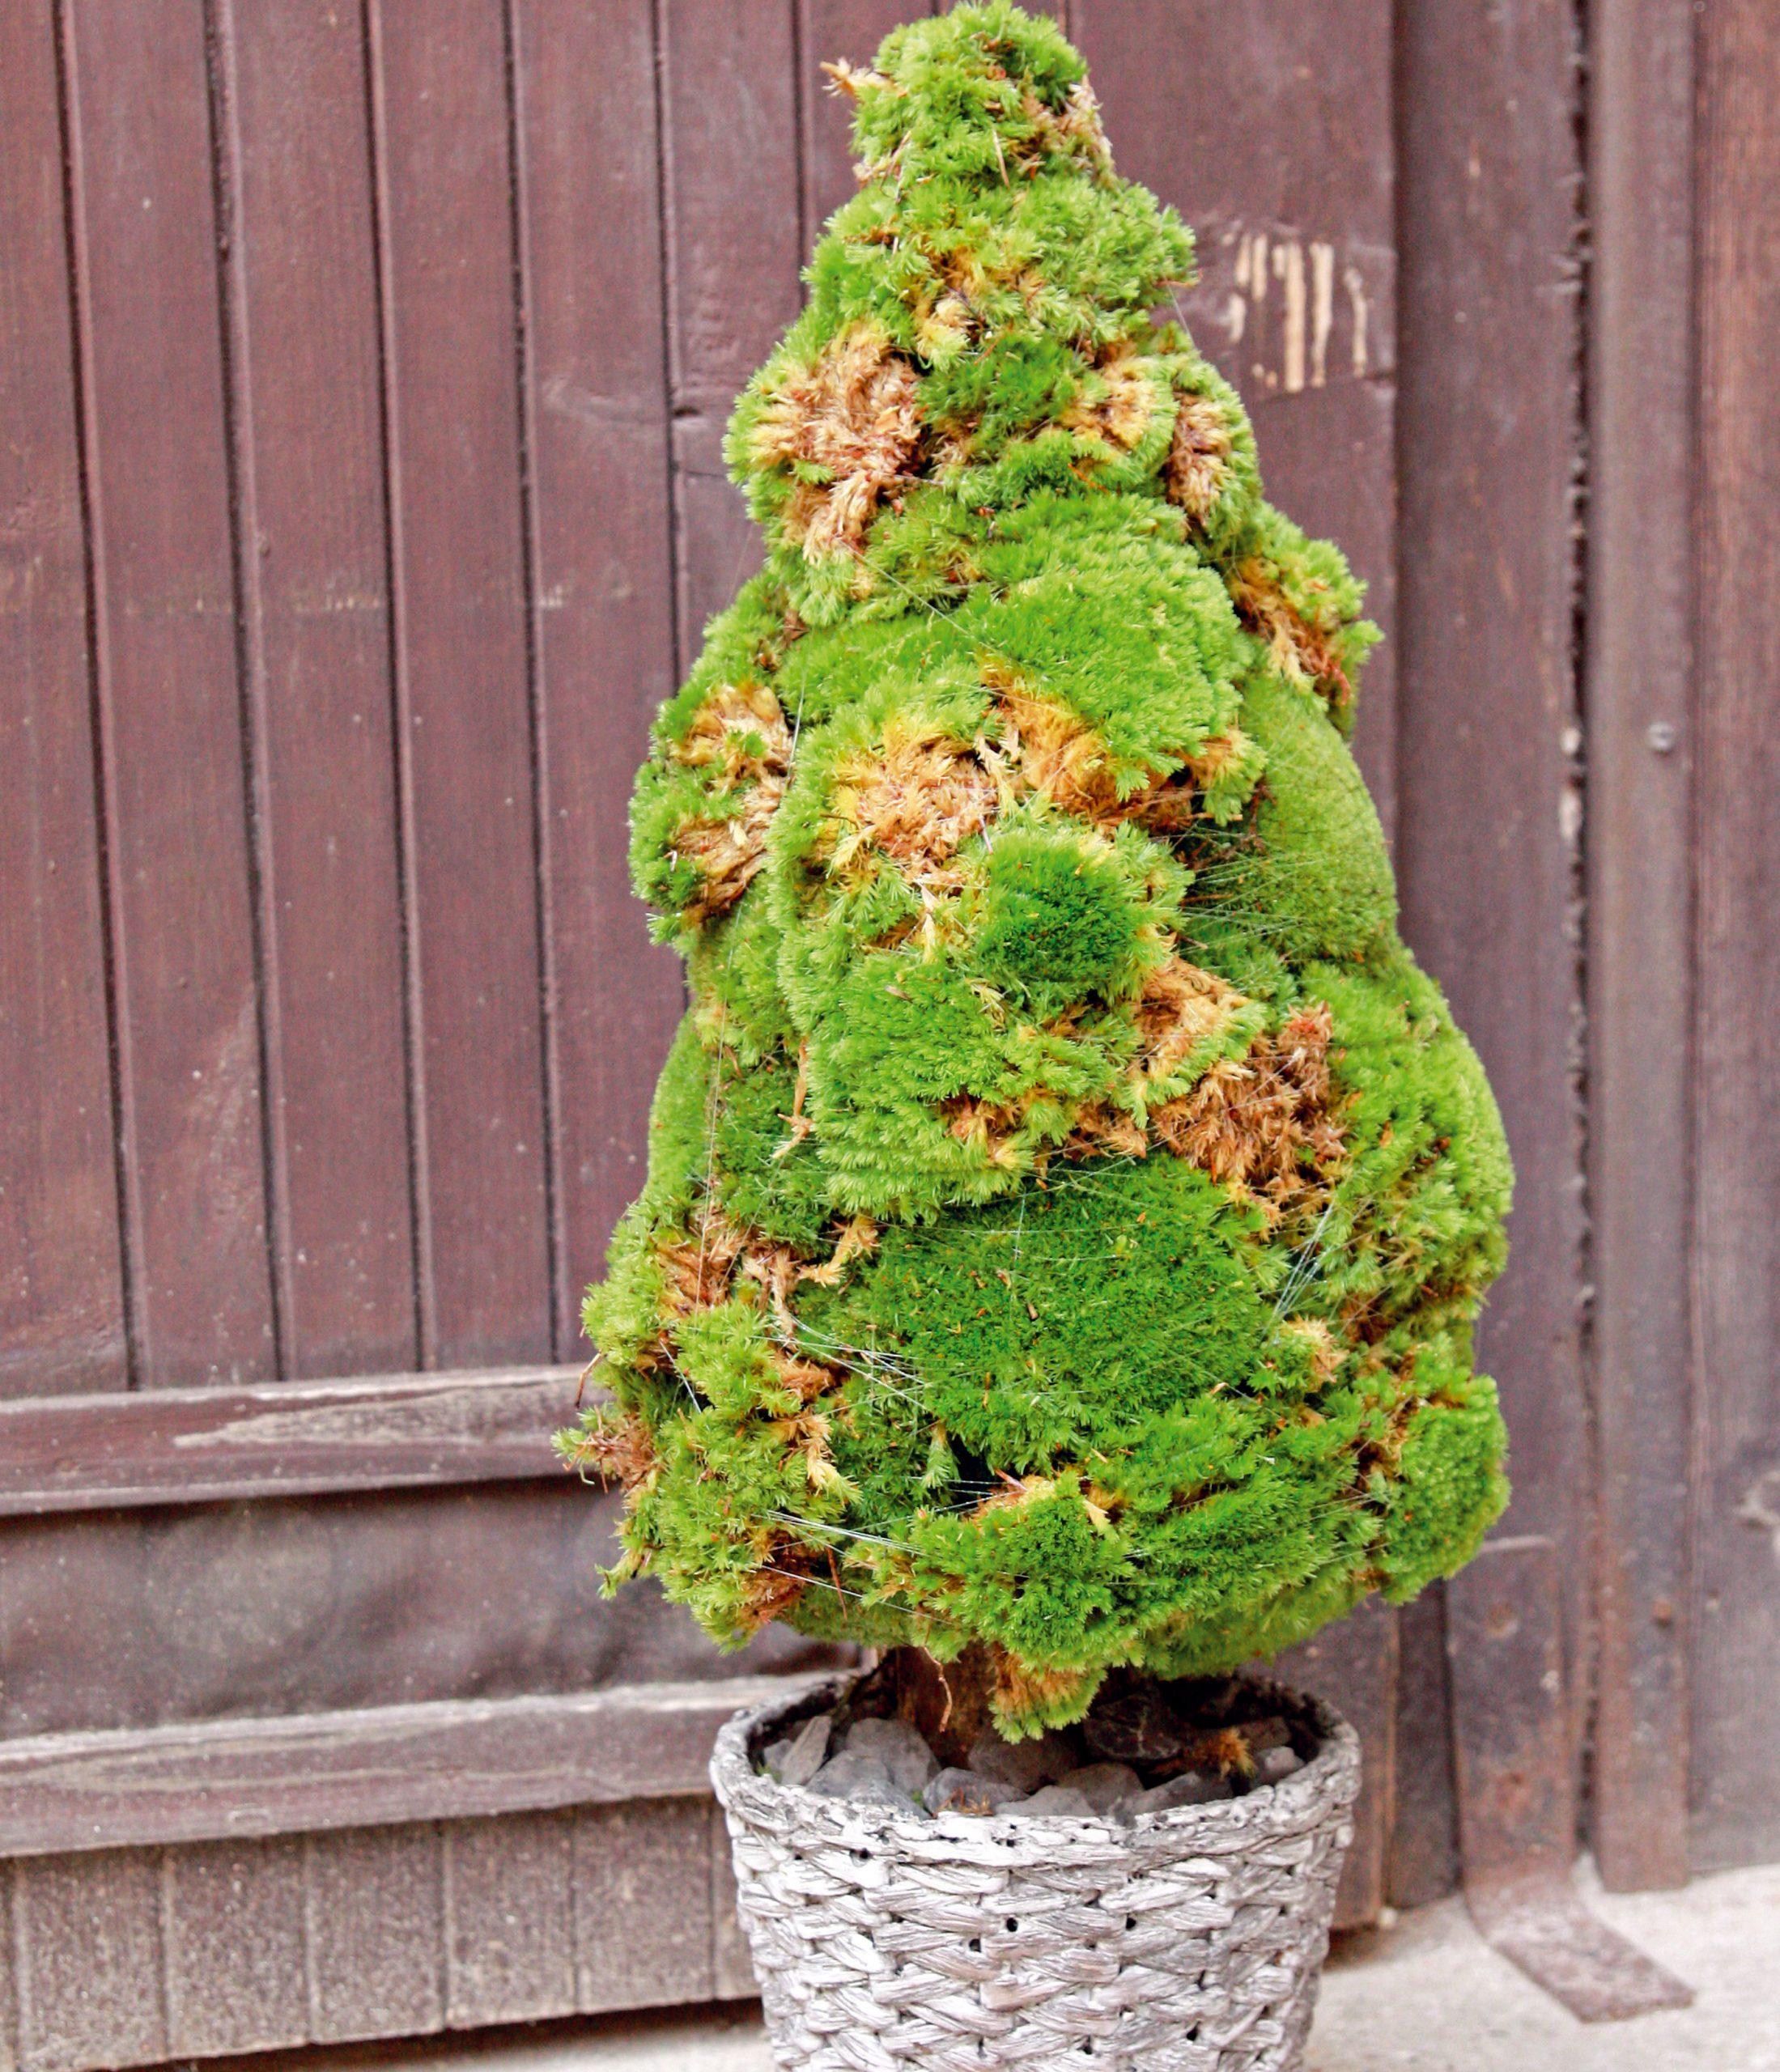 Zelený  Dekoratívne vianočné stromčeky môžete vytvoriť zčohokoľvek. Popustite uzdu fantázii apeniaze si radšej ušetrite na darčeky. Mach, šišky či jabĺčka, čokoľvek môže byť základom vášho vianočného stromčeka.